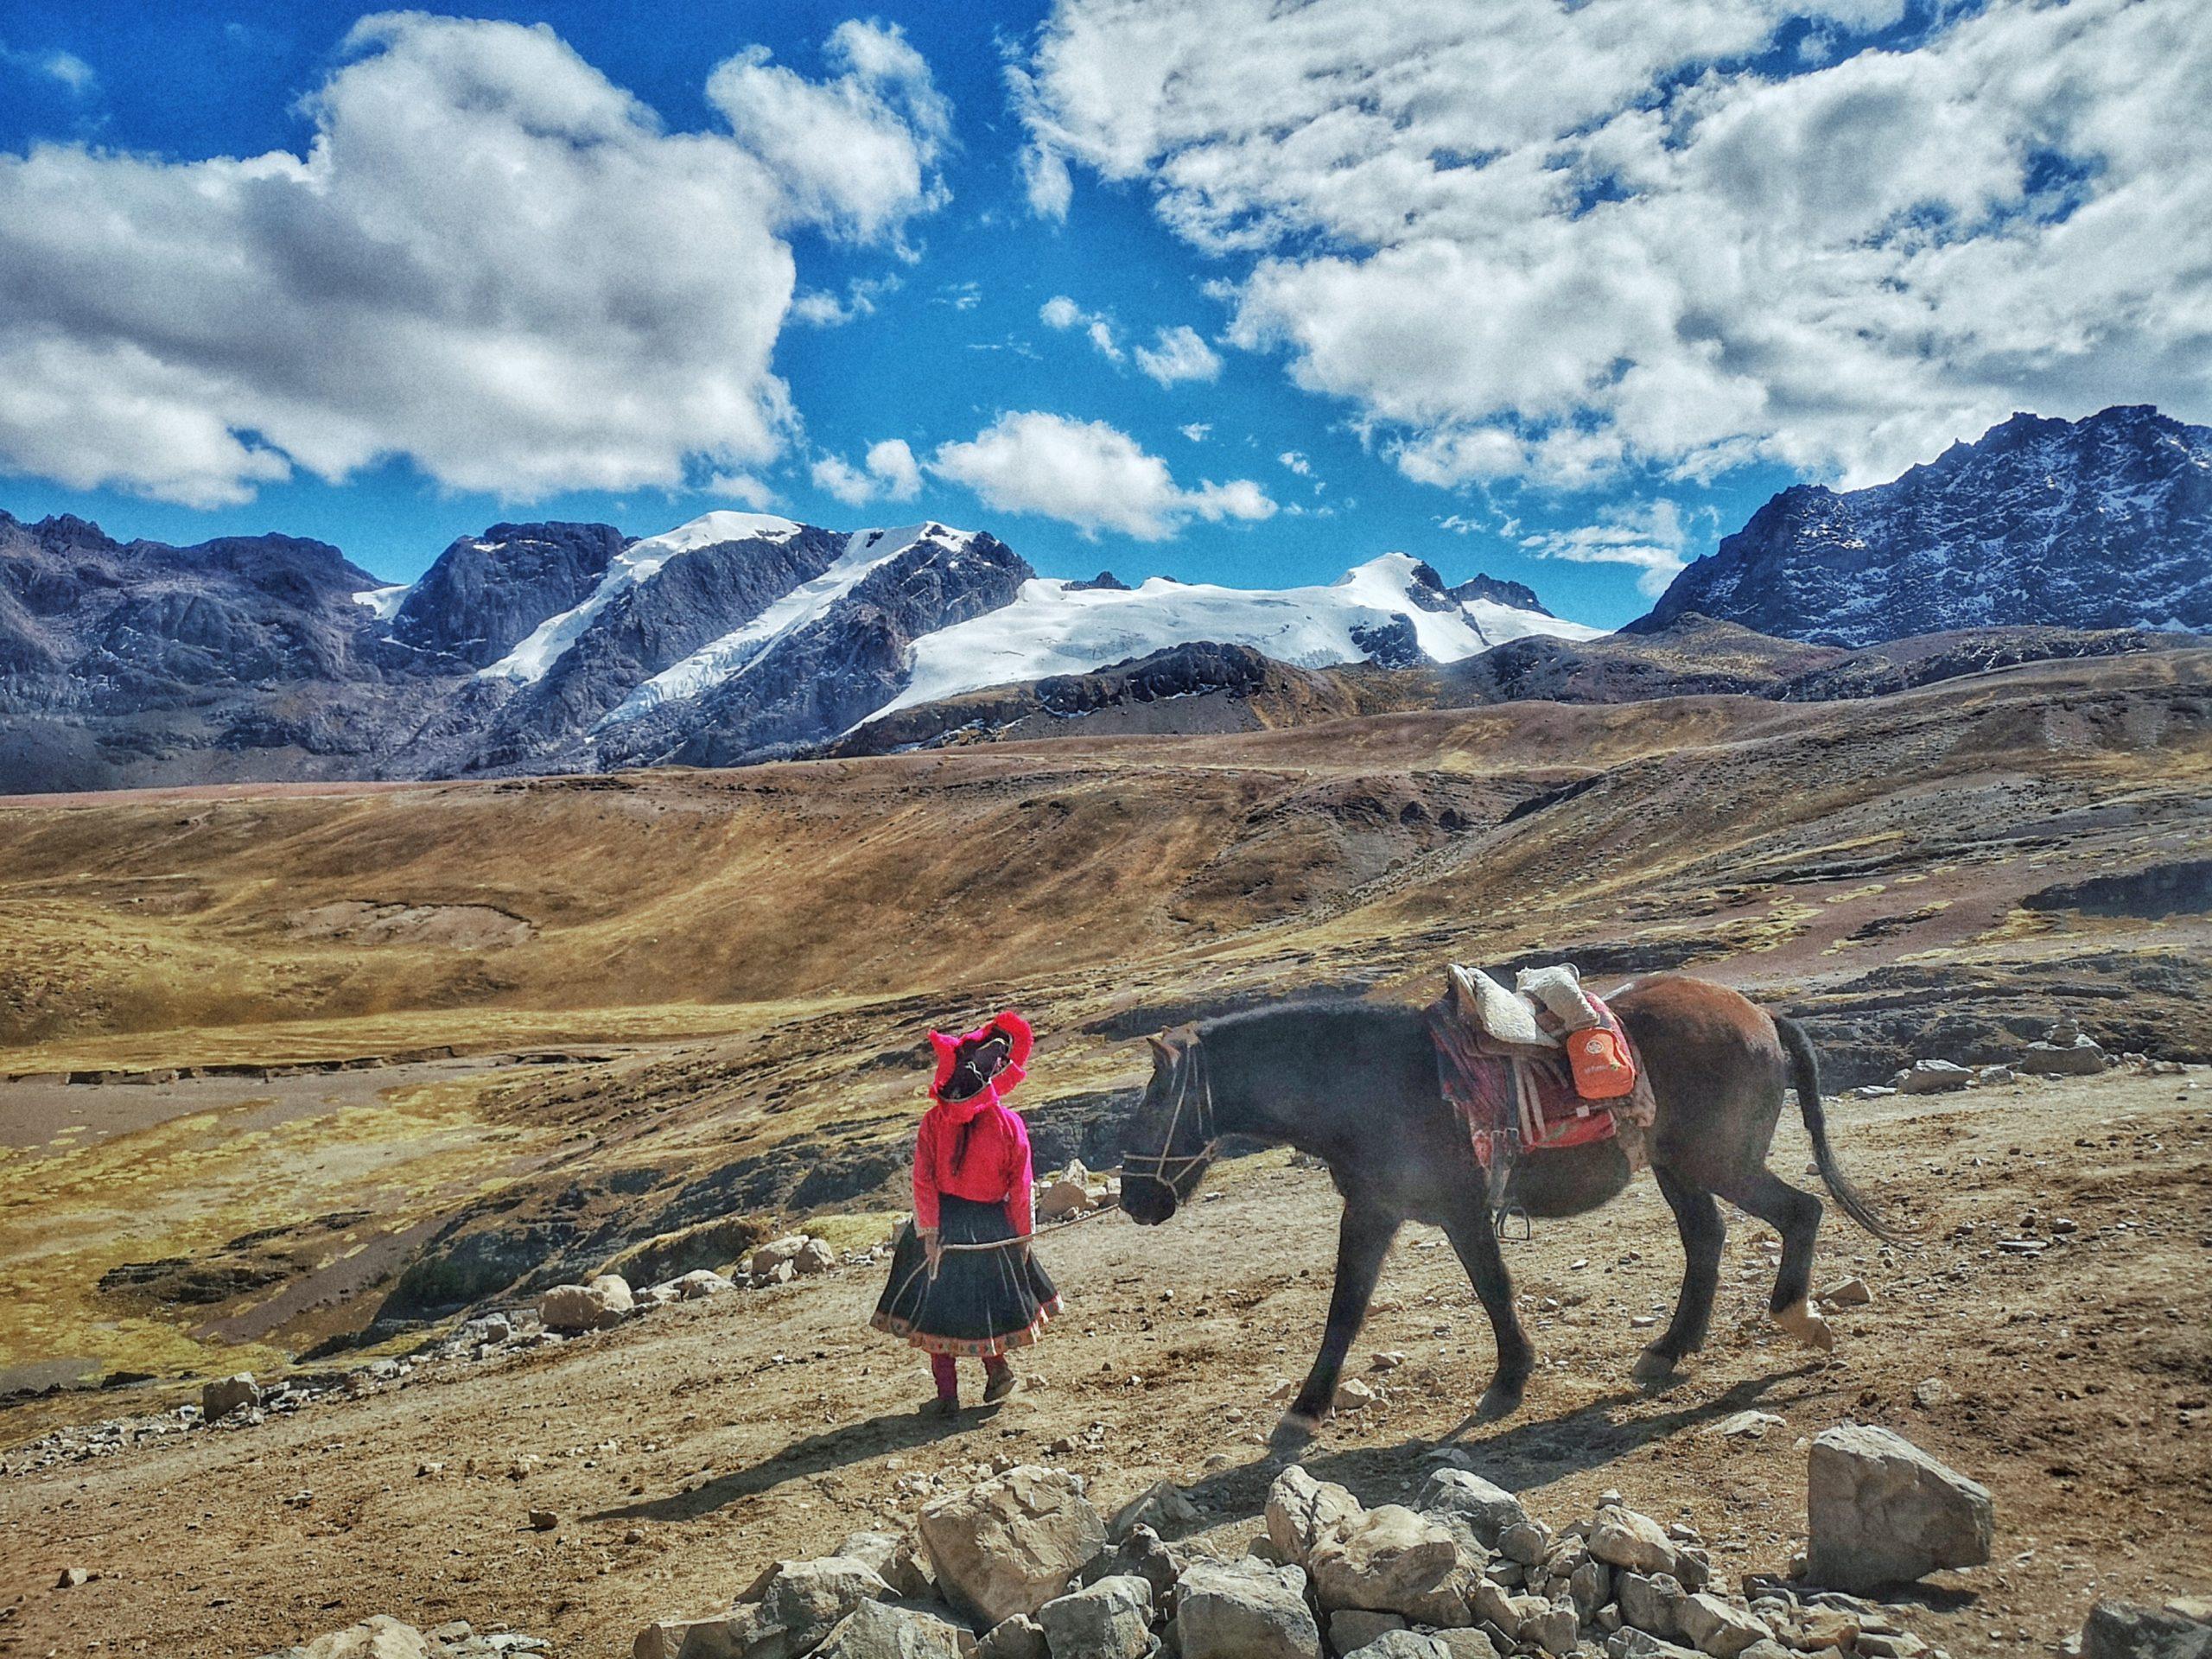 Peru travel guide | Best Peru travel tips